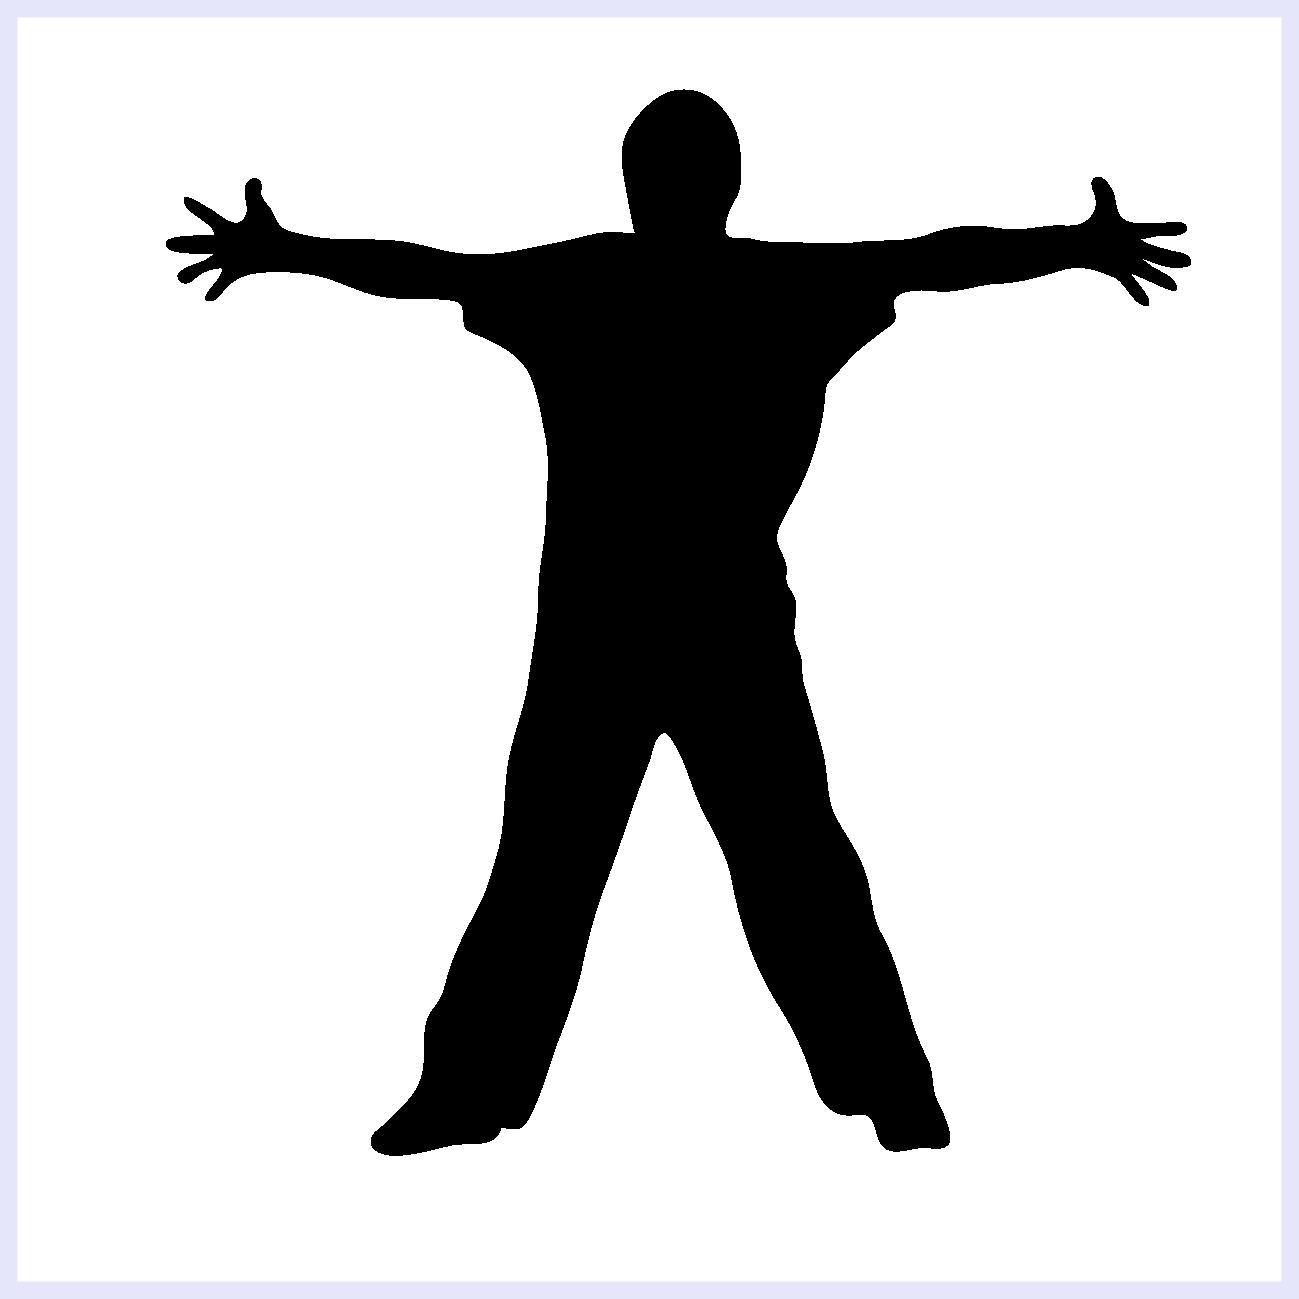 逸ノ城 の本名や四股名の由来や身長、体重は?遠藤とどっちが強い?